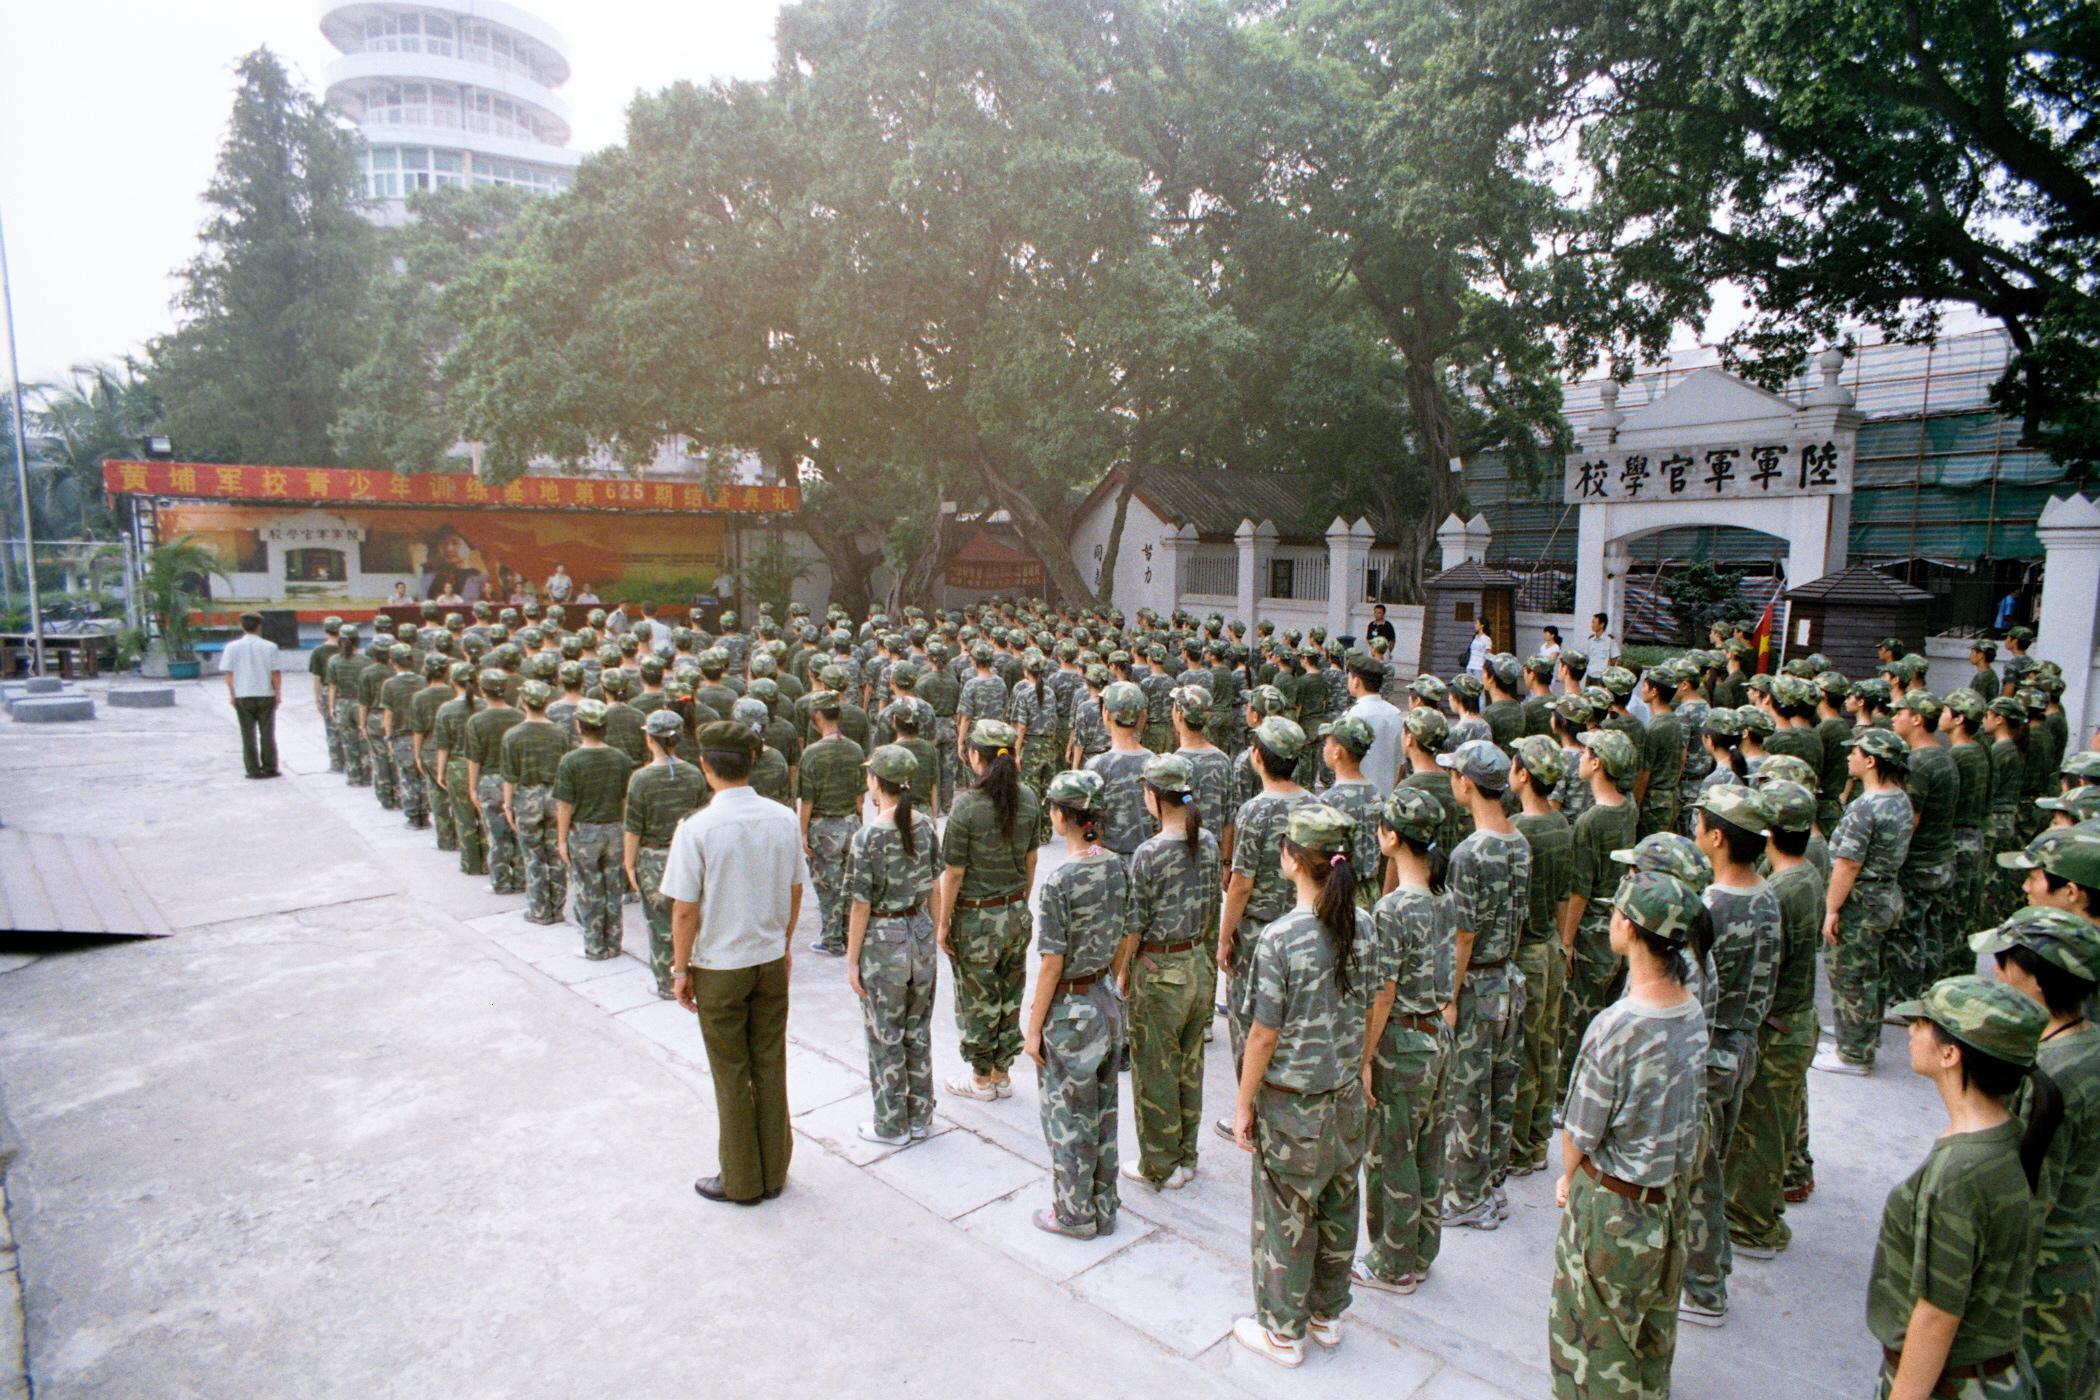 廣州黃埔軍校四天軍事體驗訓練營 | 拉闊生命 創造夢想